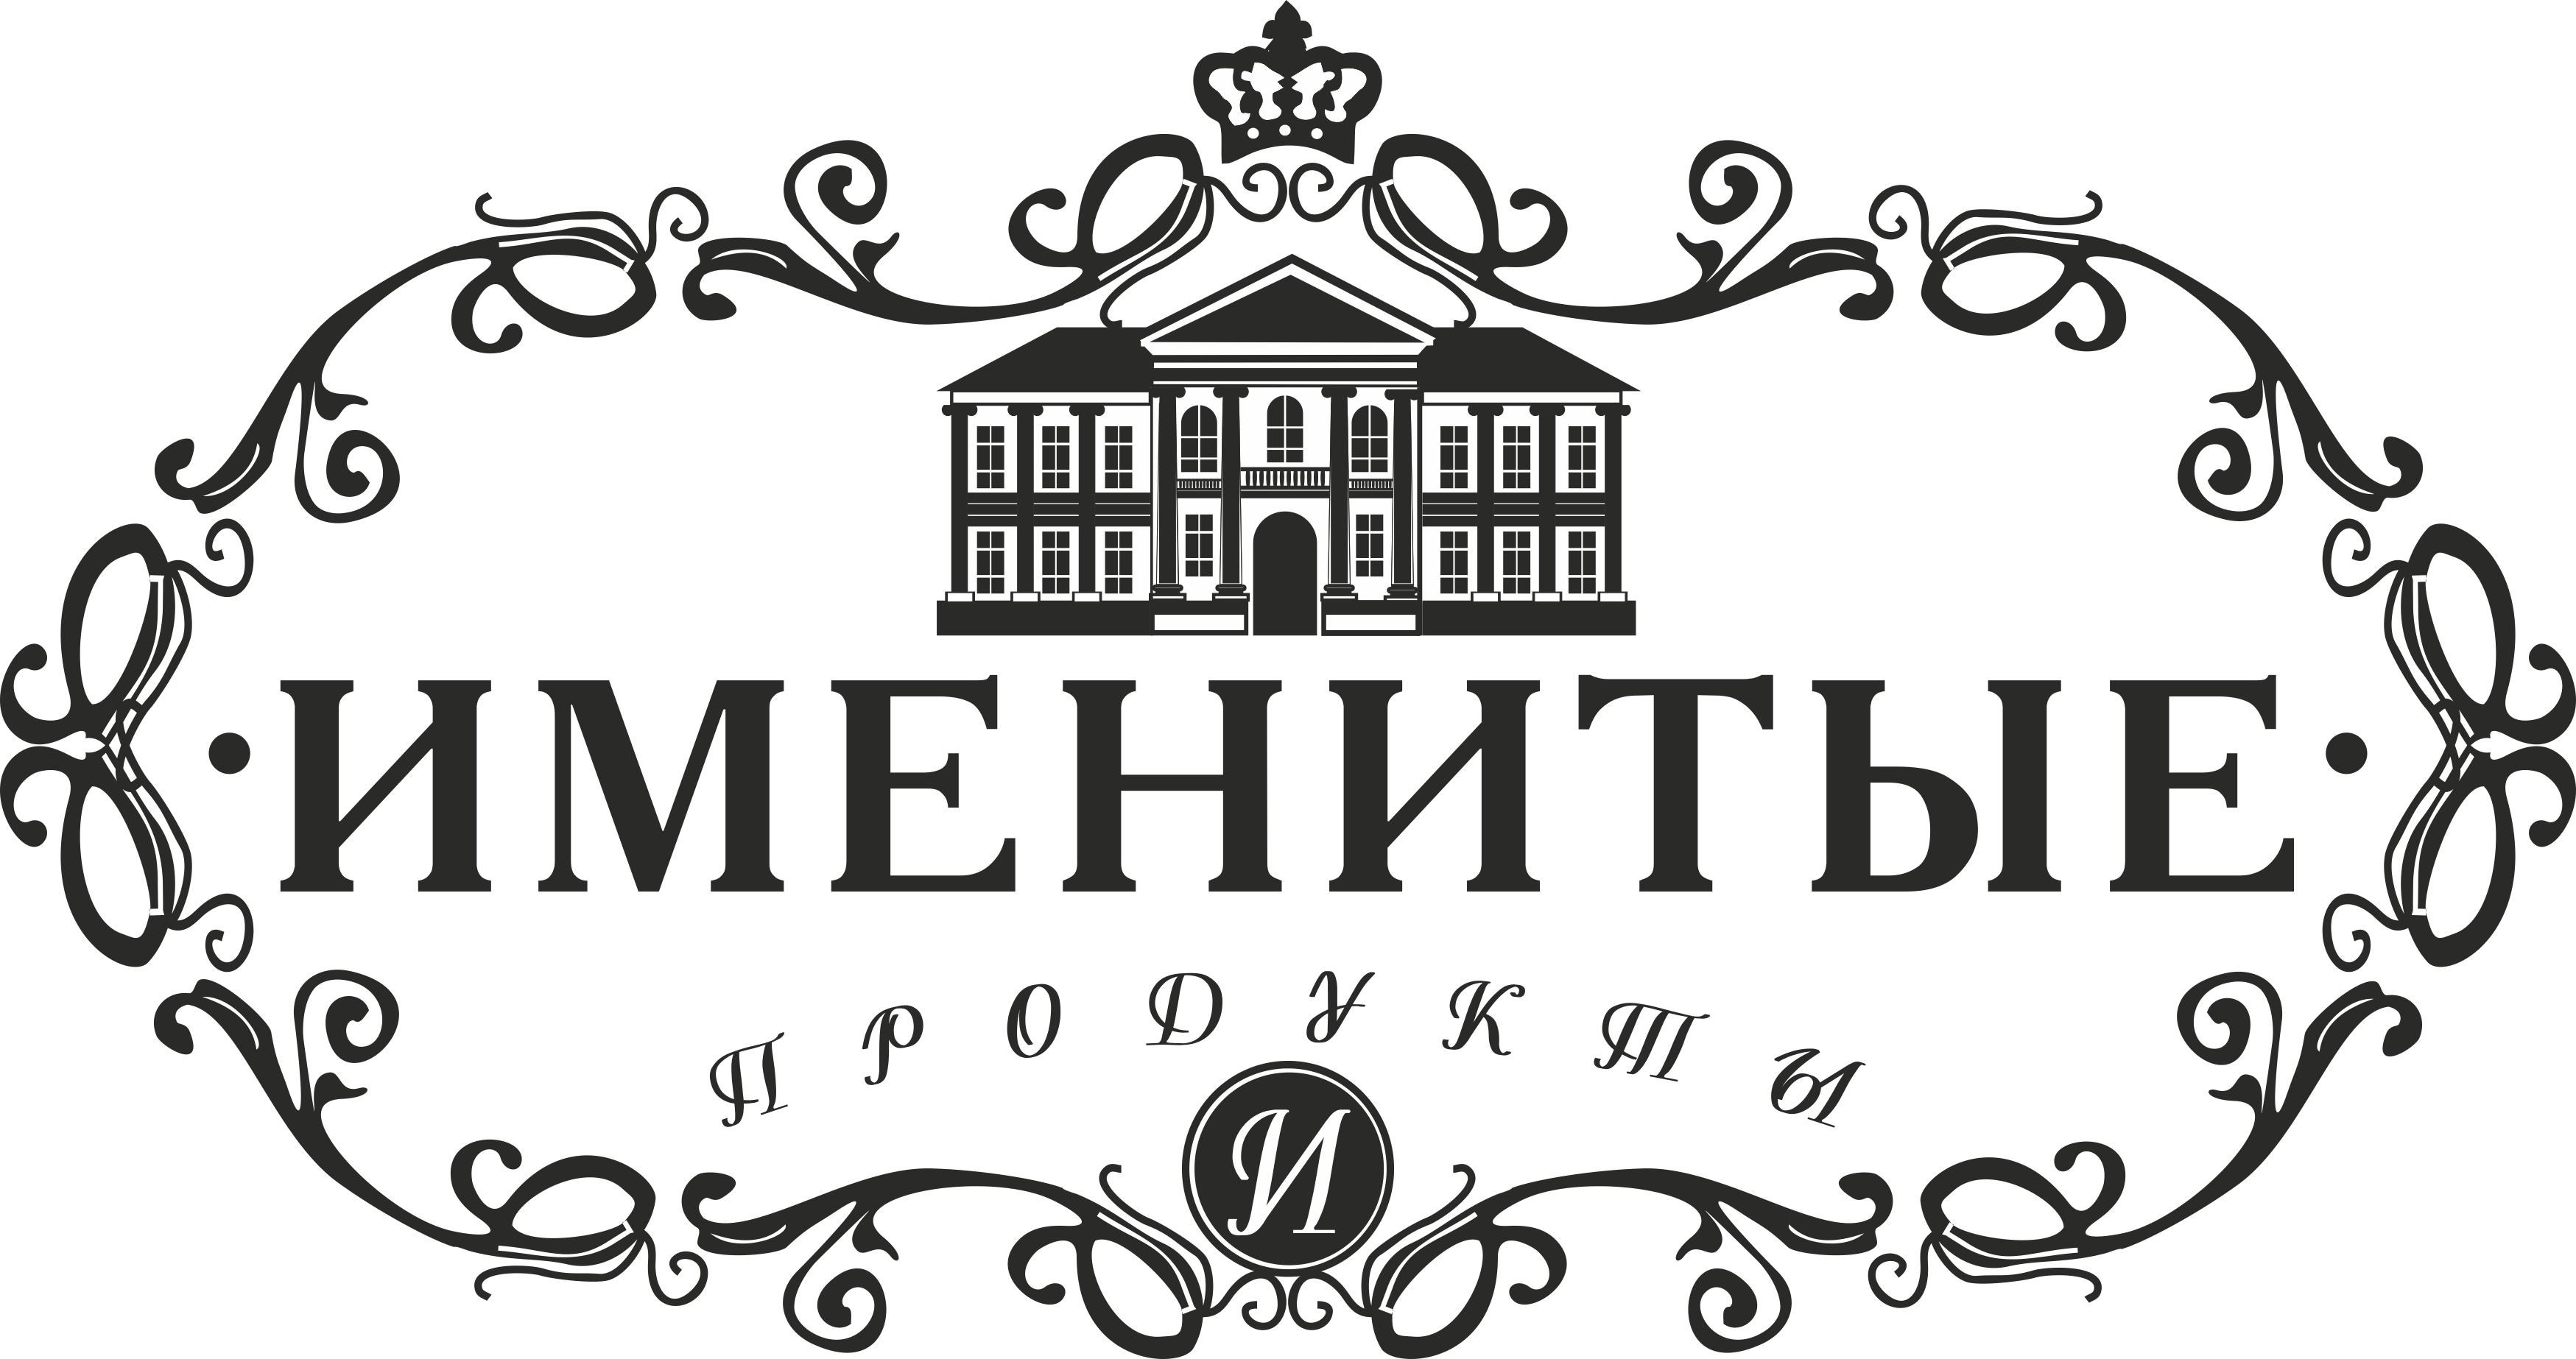 Логотип и фирменный стиль продуктов питания фото f_7275bb60ff91738b.jpg